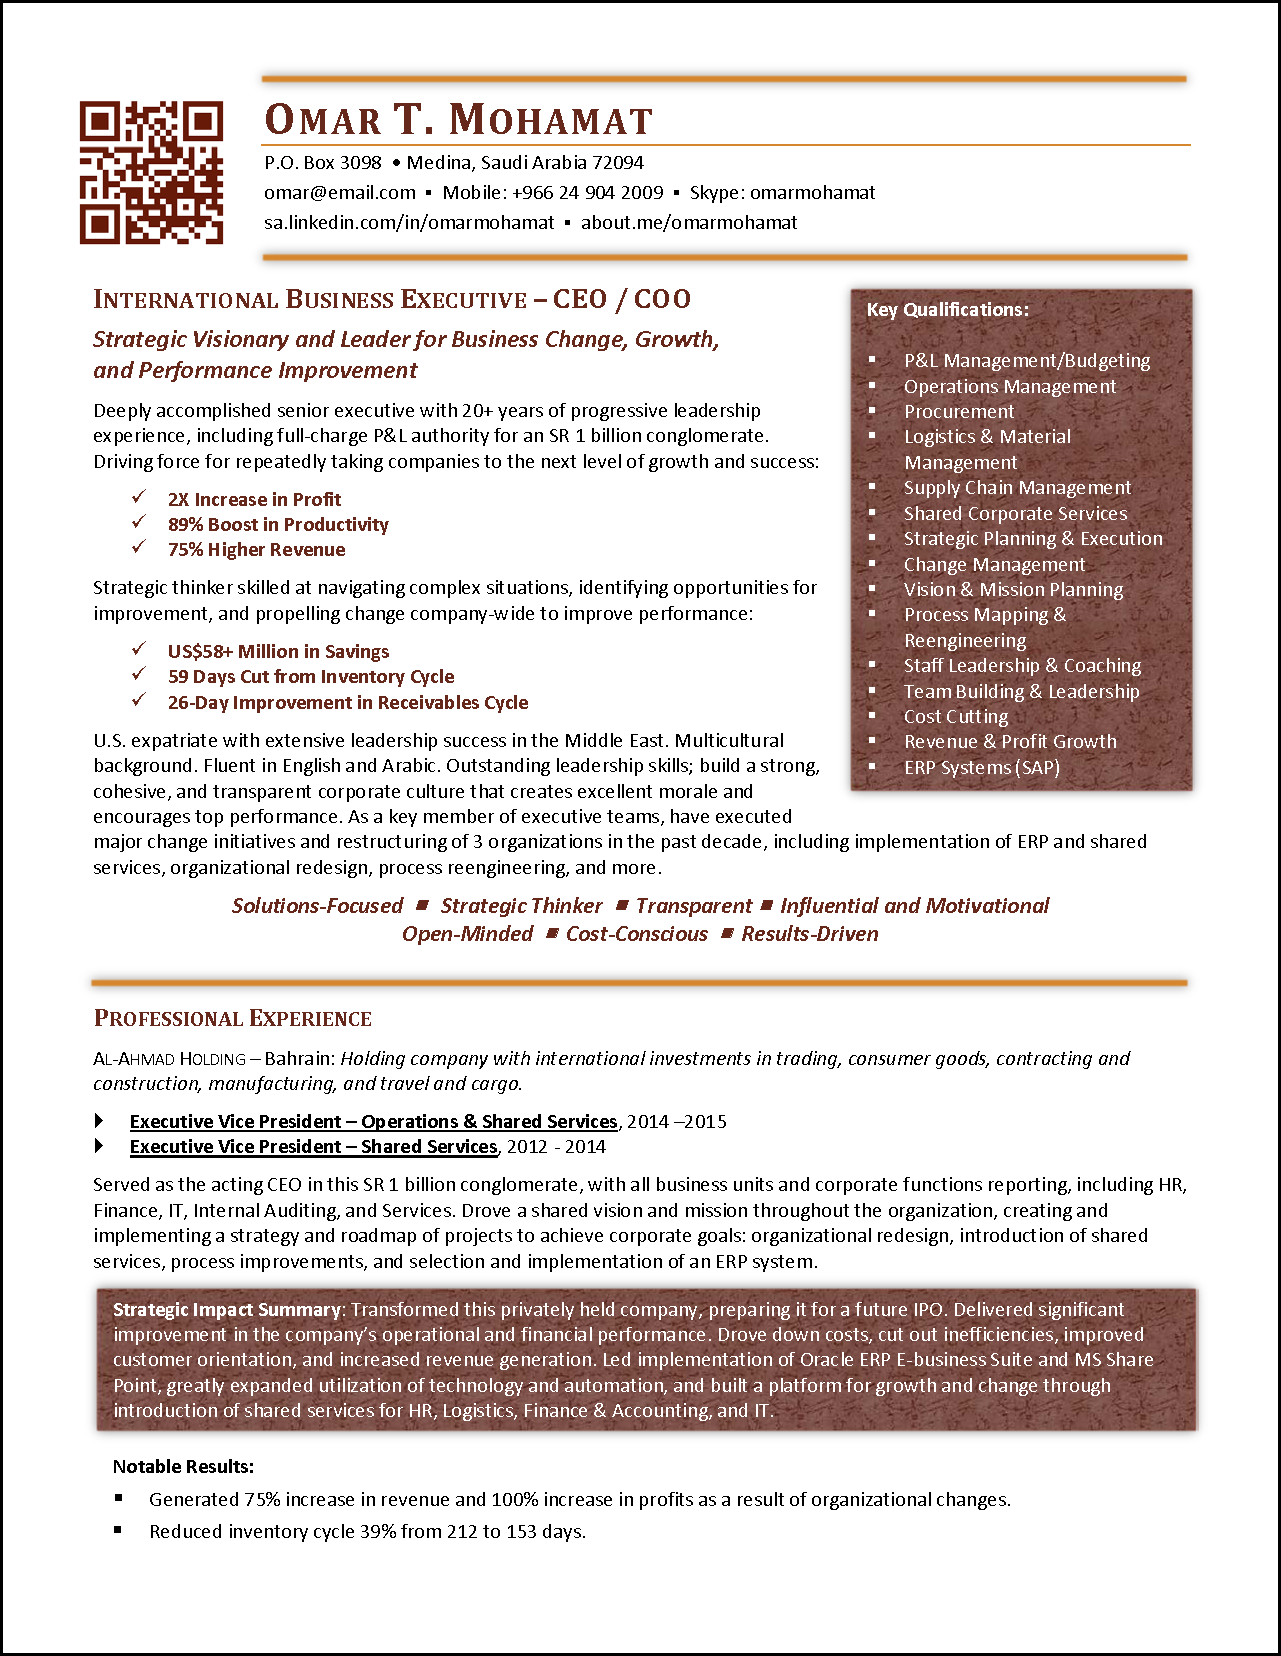 Award Winning Executive Resume Examples Business Resume Template Business Resume Good Resume Examples